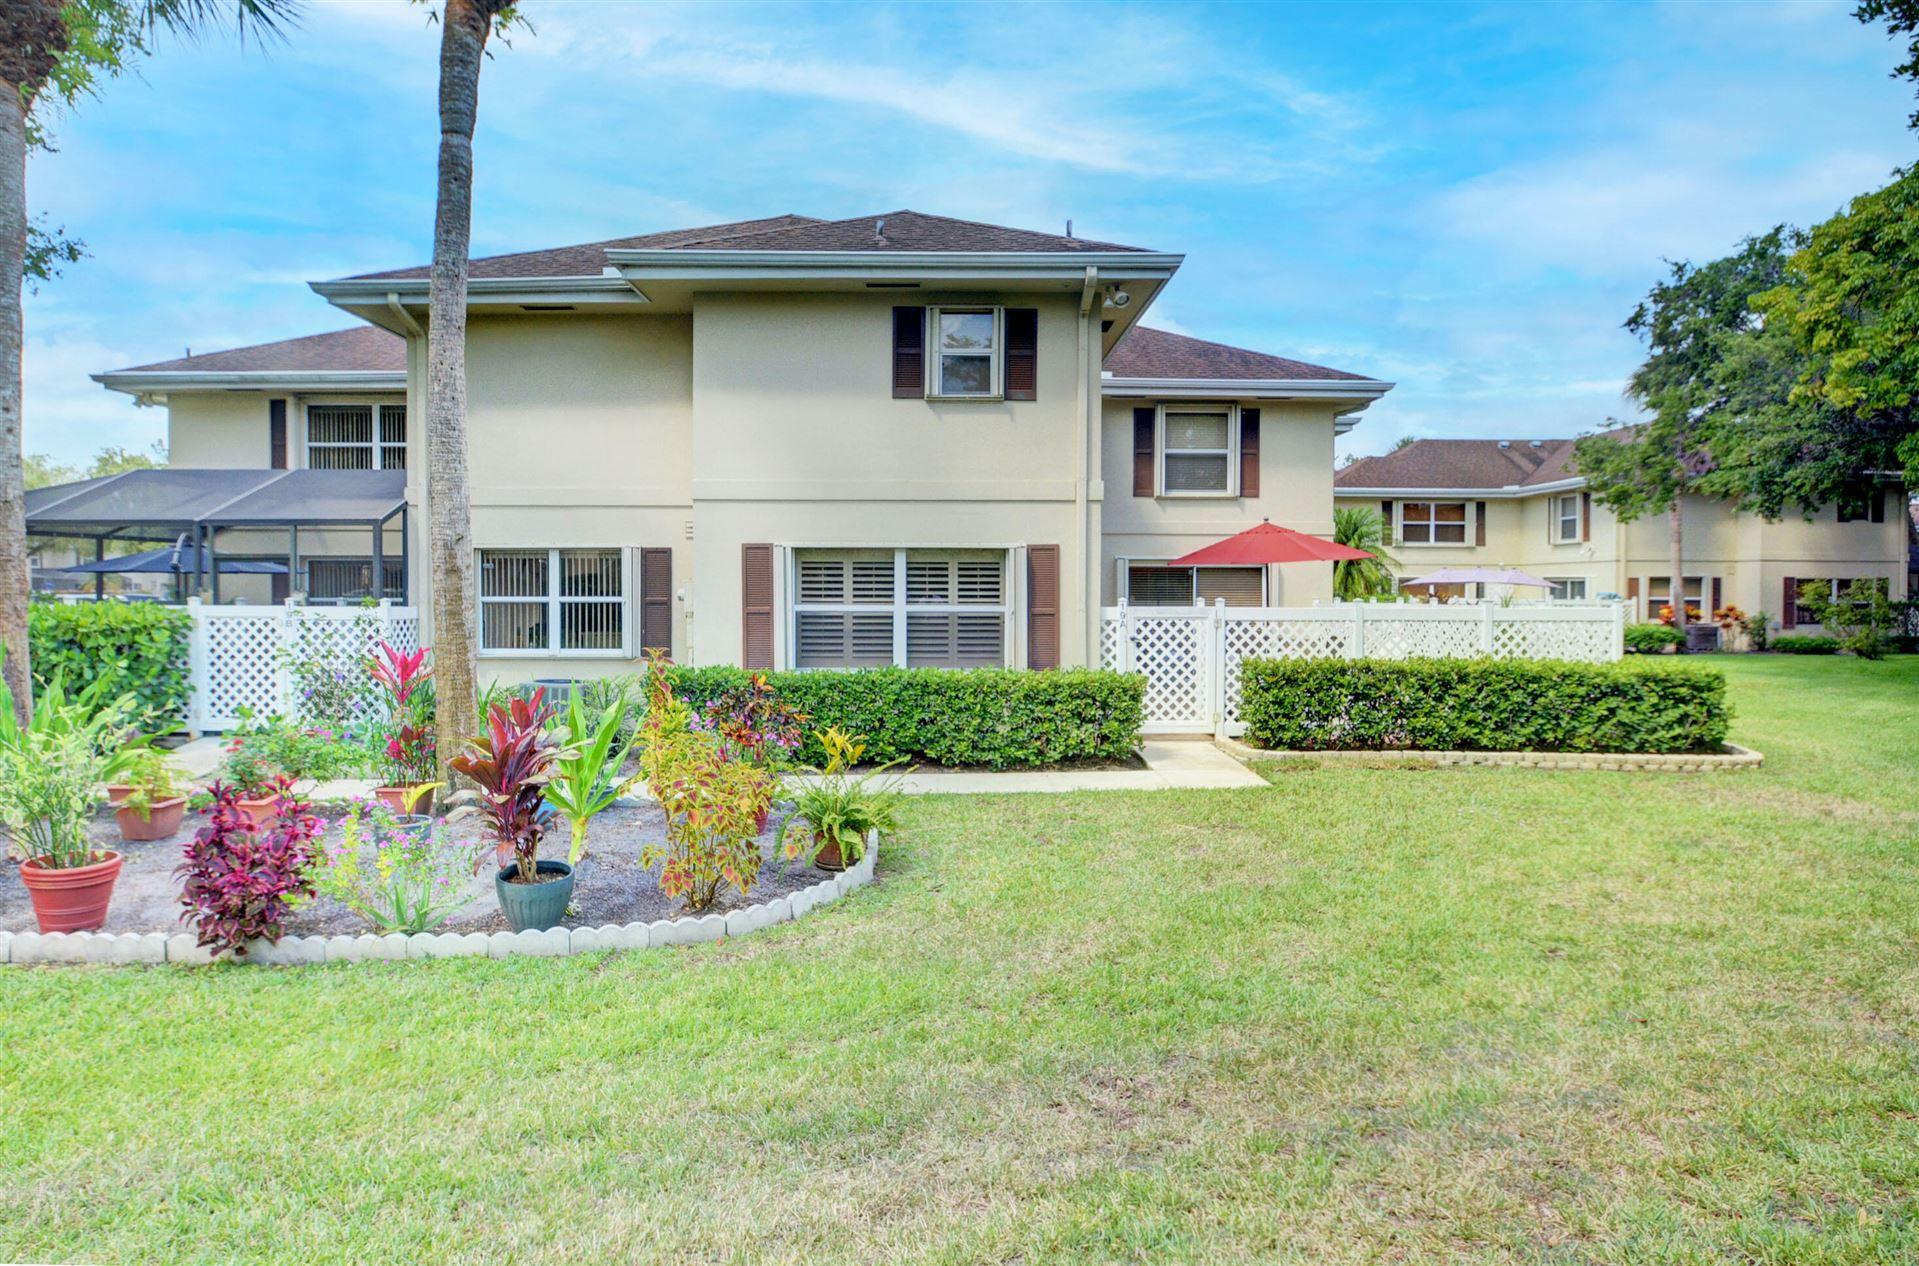 19 Amherst Court #A, Royal Palm Beach, FL 33411 - #: RX-10722930